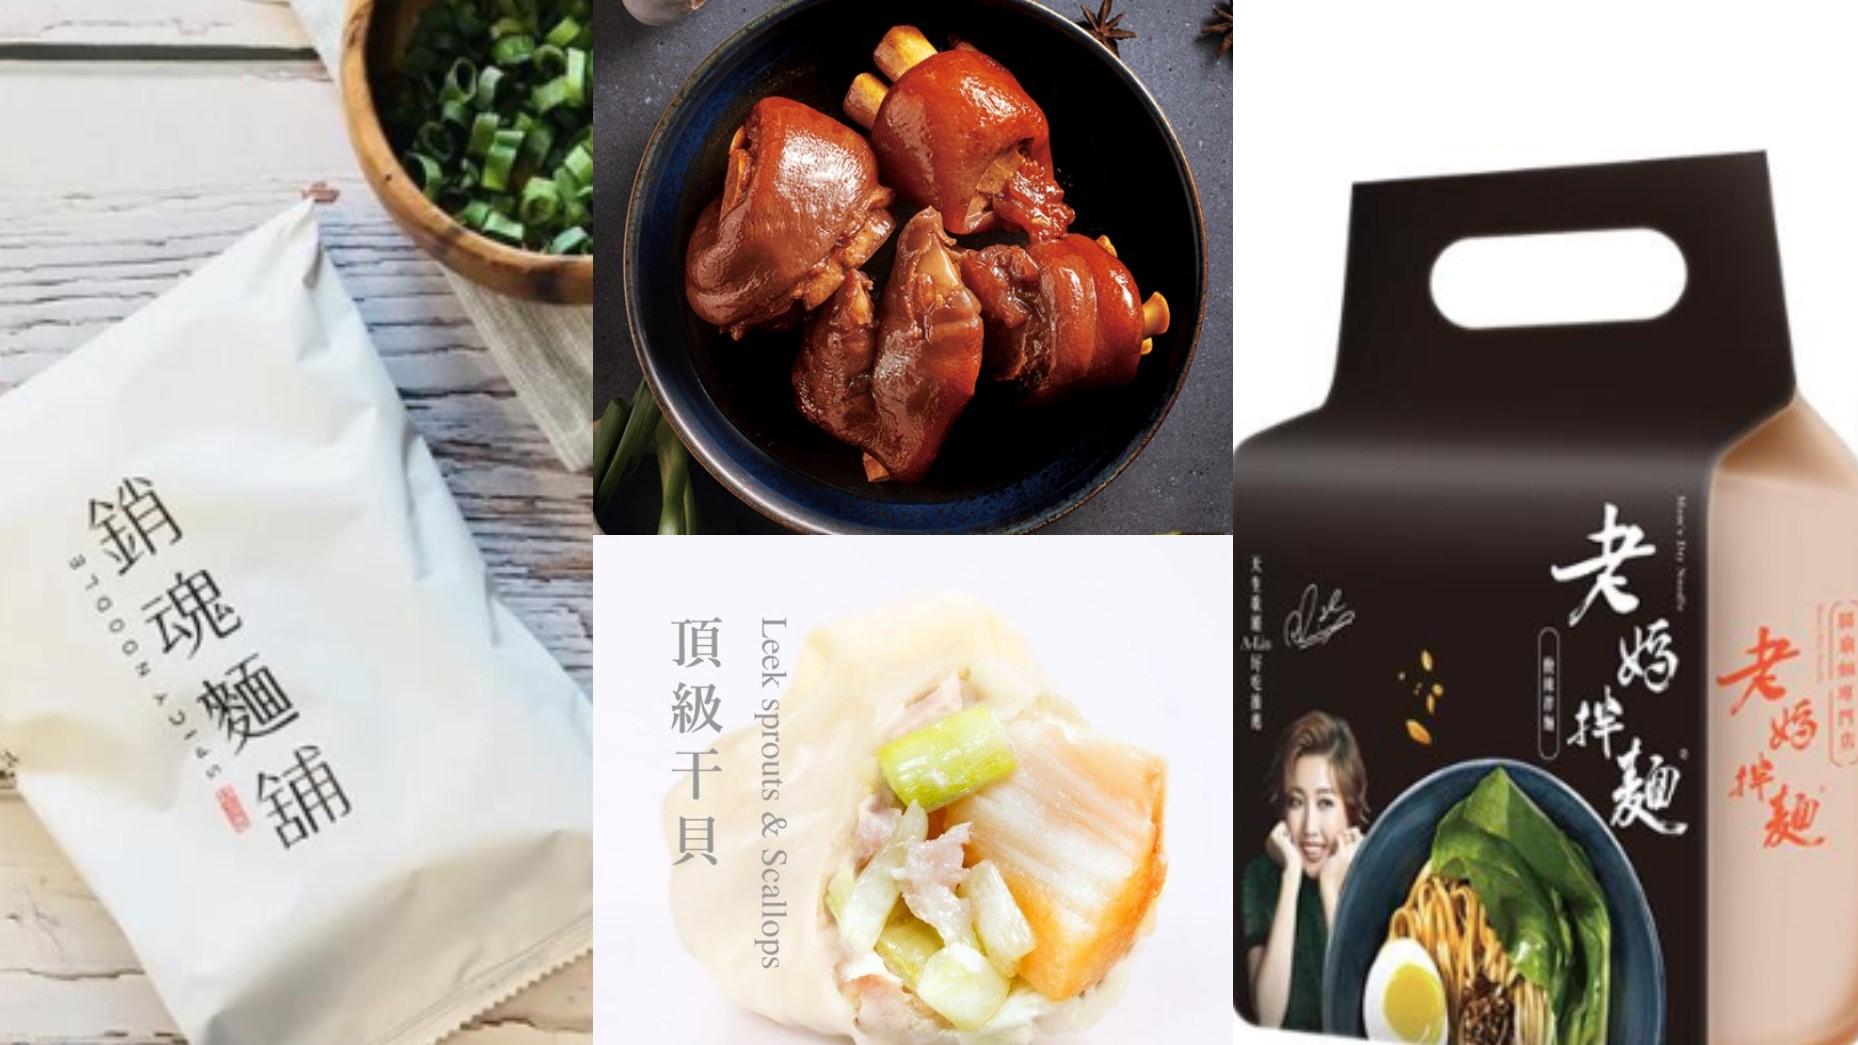 不用在台北找米其林餐廳 網購就能品嚐到人氣美食